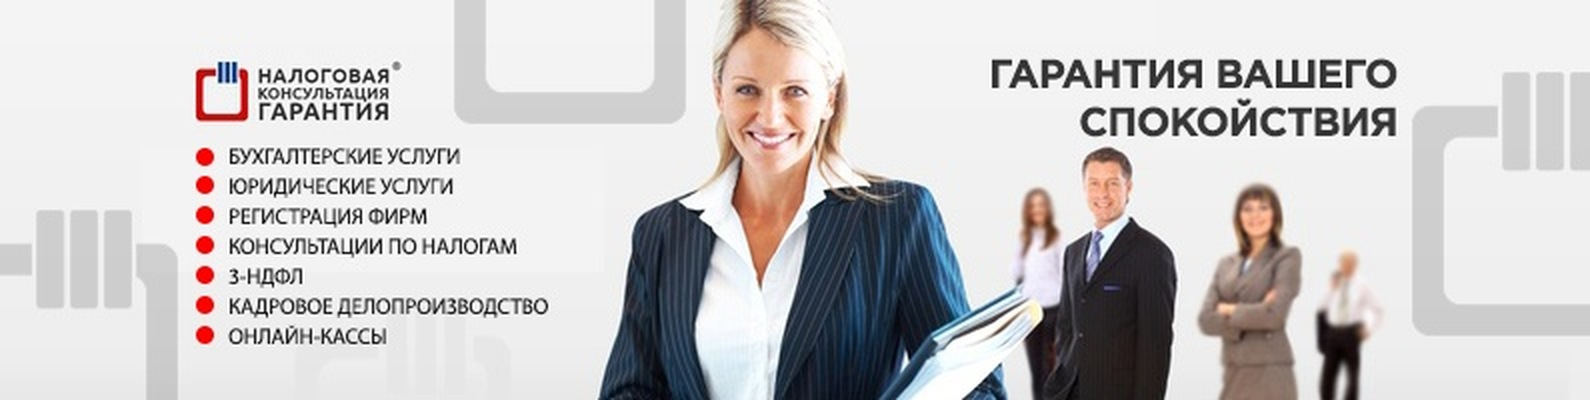 бухгалтерские и юридические услуги ижевск